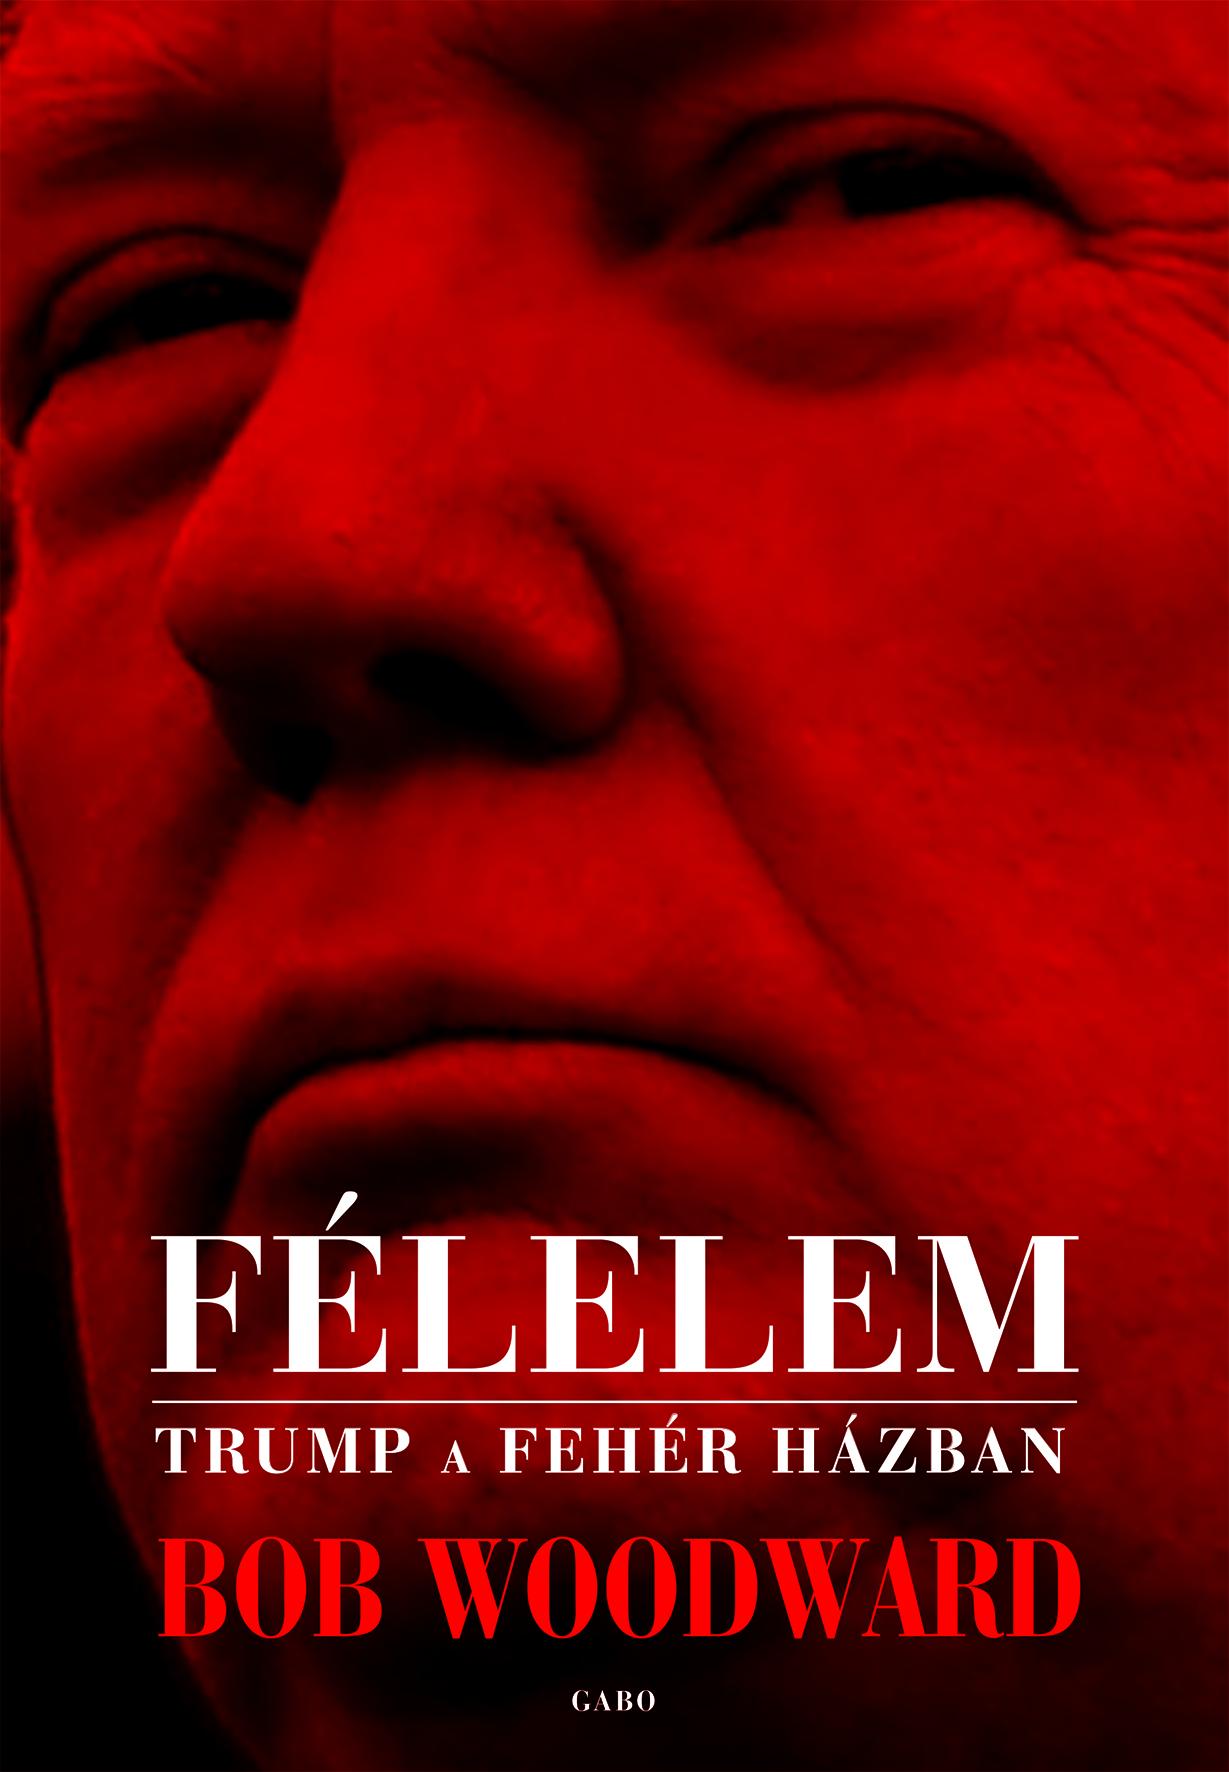 bw_trump_a_feher_hazban_media_1.jpg